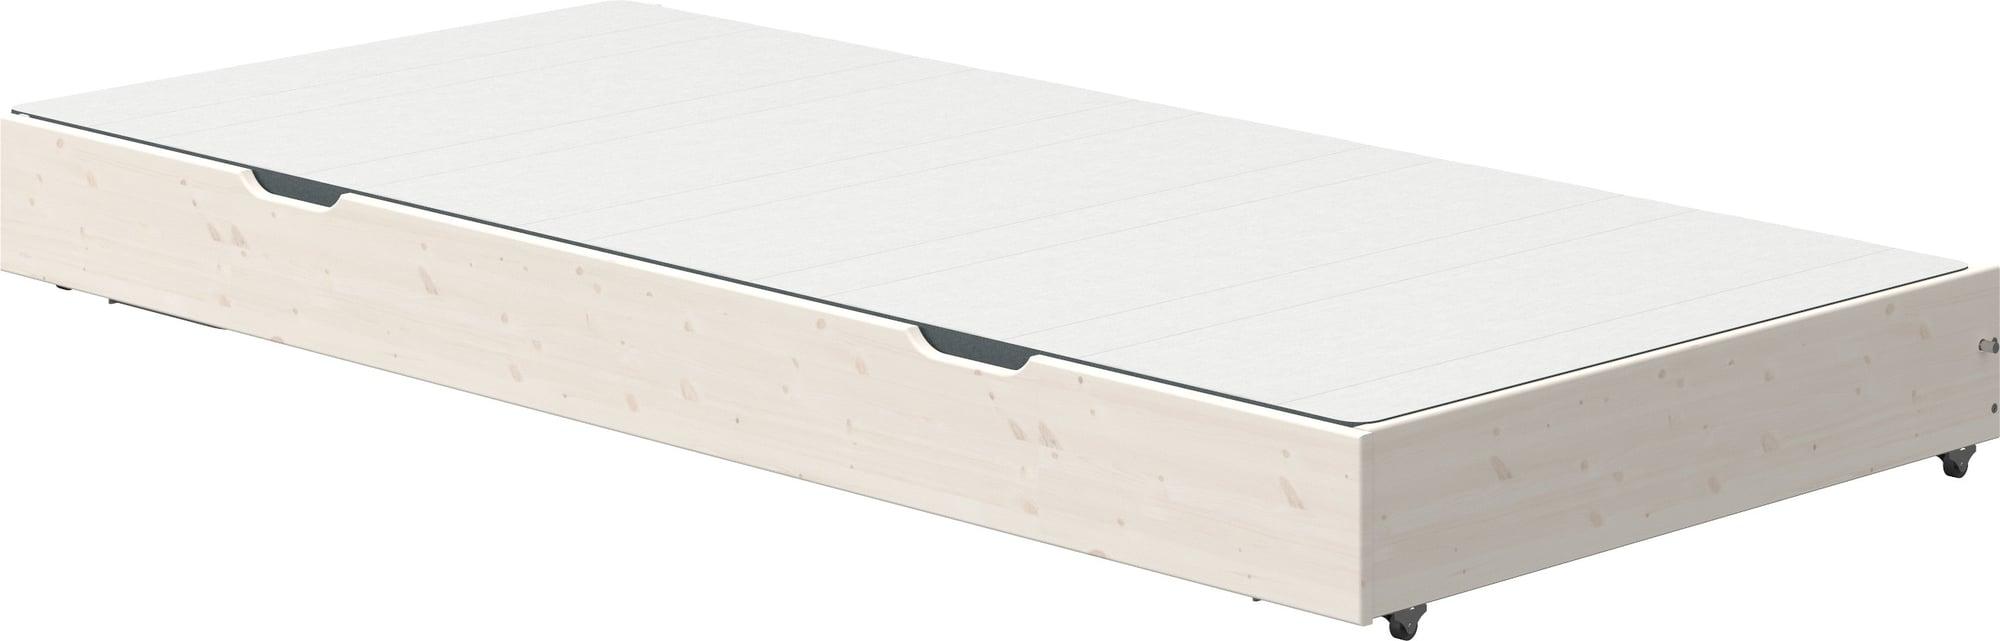 Full Size of Ausziehbett 140x200 Flexa Classic Mit Ausklappbaren Beinen 190 Cm Weißes Bett Selber Bauen Bettkasten Günstige Betten Matratze Und Lattenrost Kaufen Paletten Wohnzimmer Ausziehbett 140x200